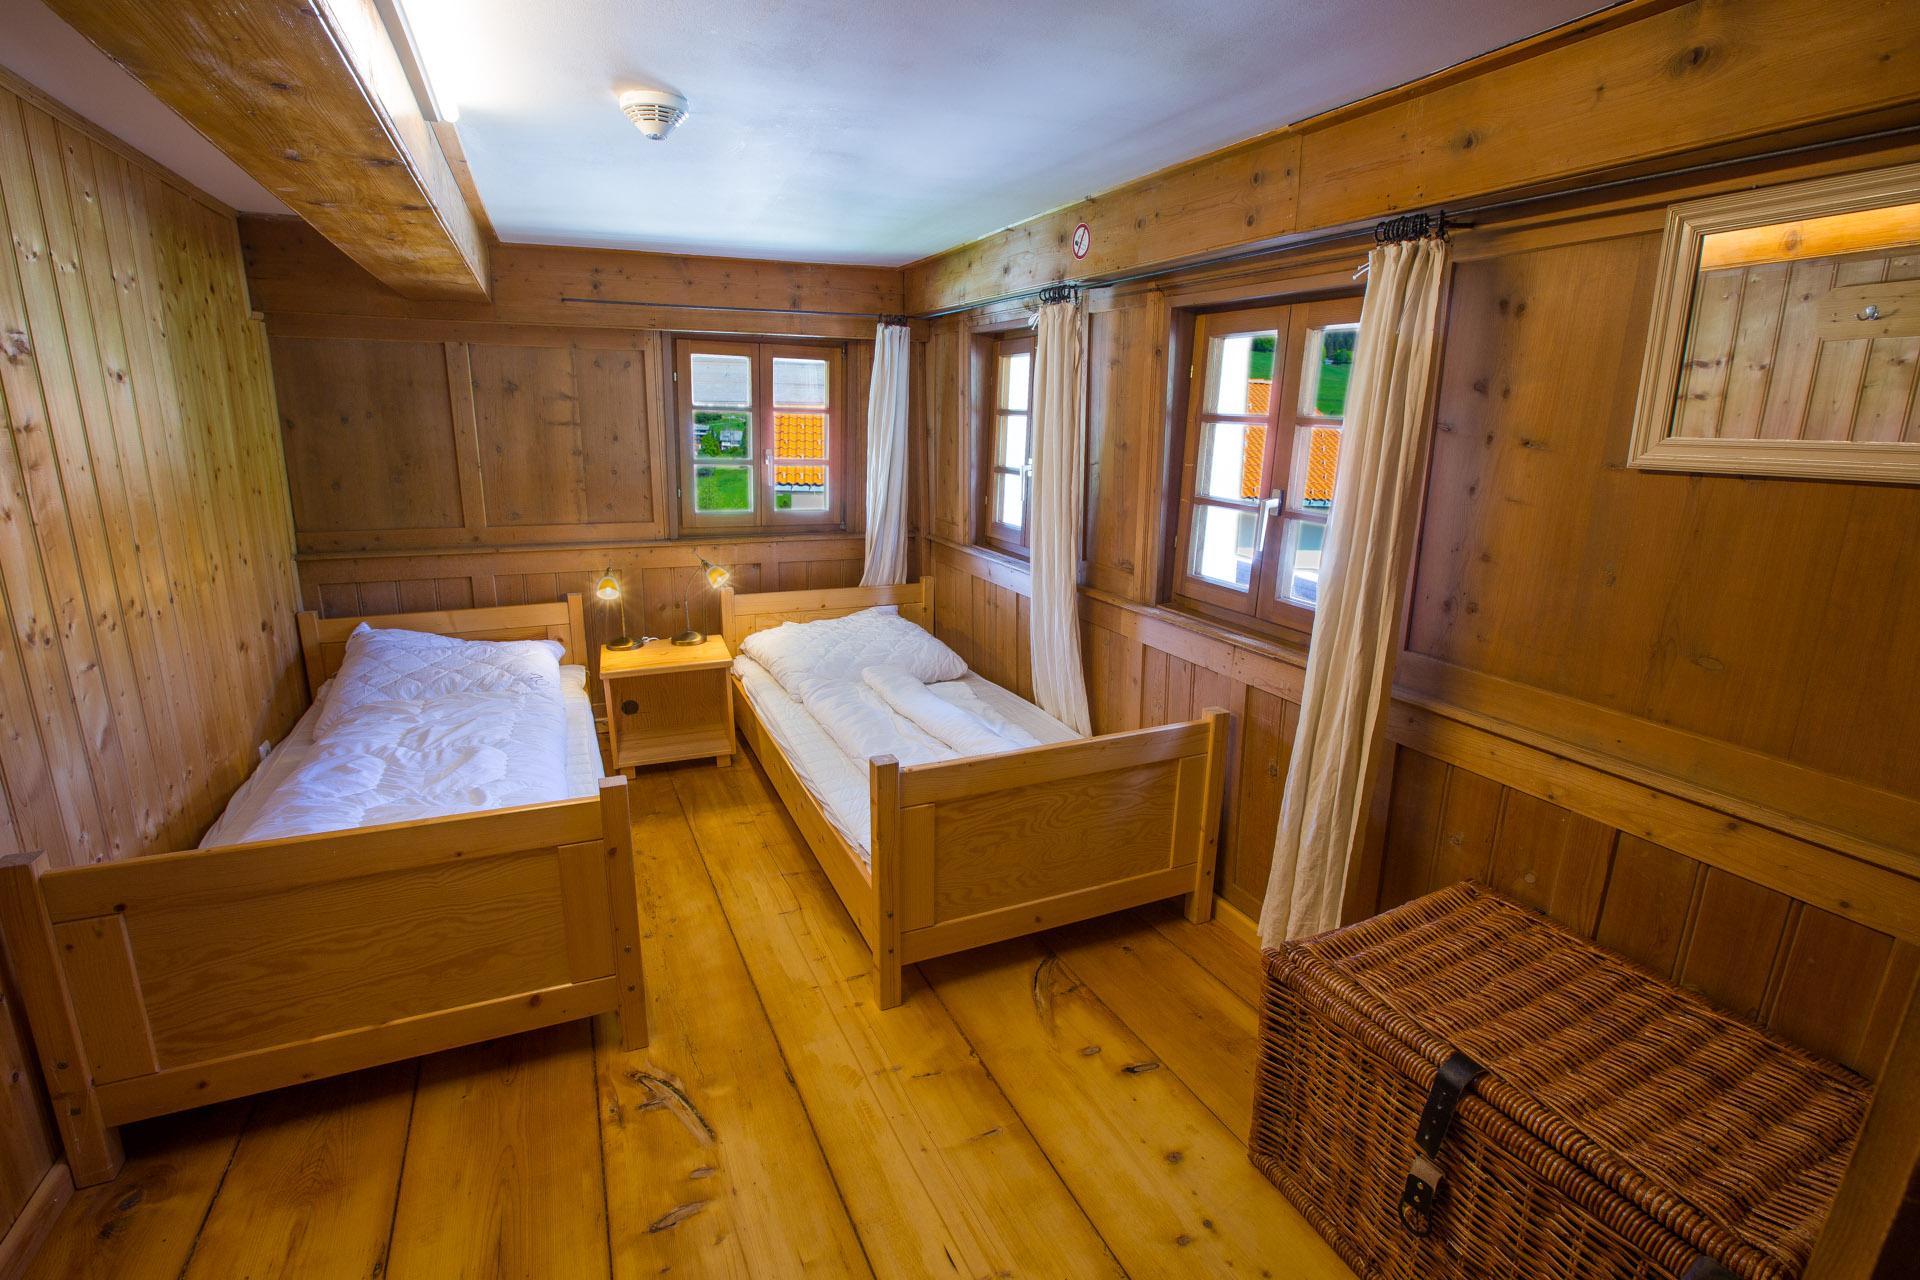 schwarzwald chalet f r 1 34 personen mit sauna schwarzwald chalet scheuermatthof feldberg. Black Bedroom Furniture Sets. Home Design Ideas